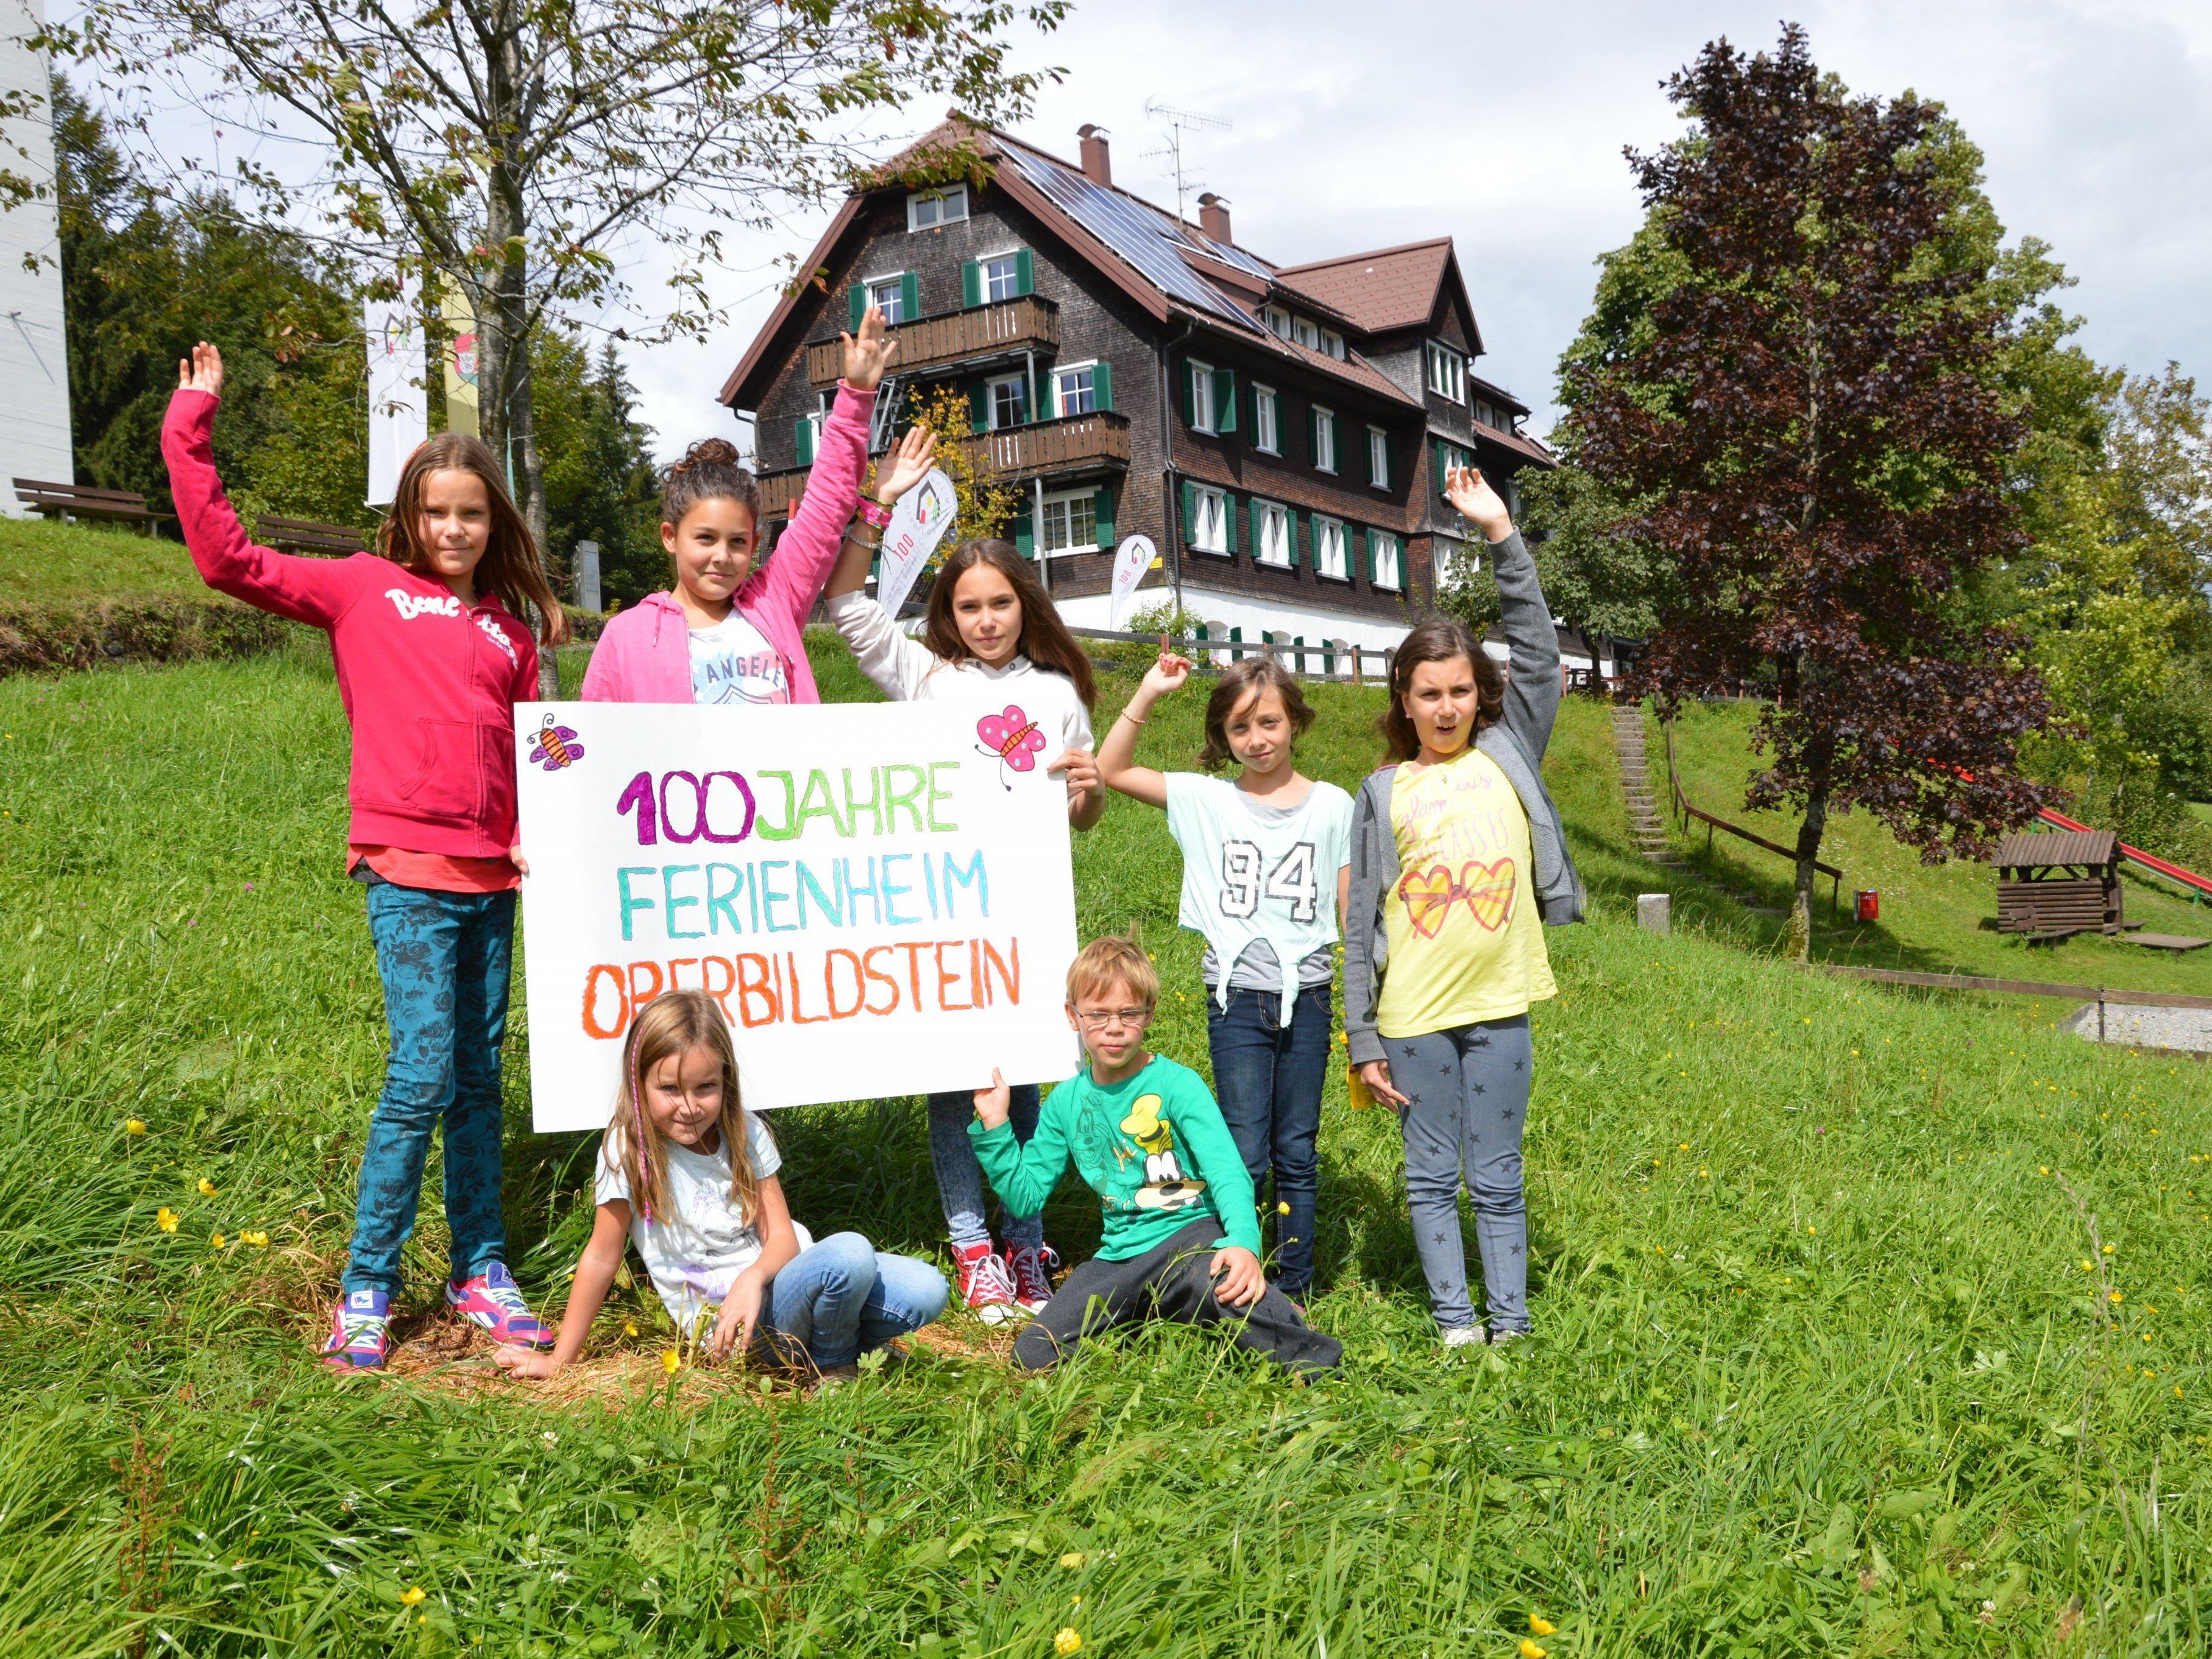 100 Jahre Ferienheim Oberbildstein